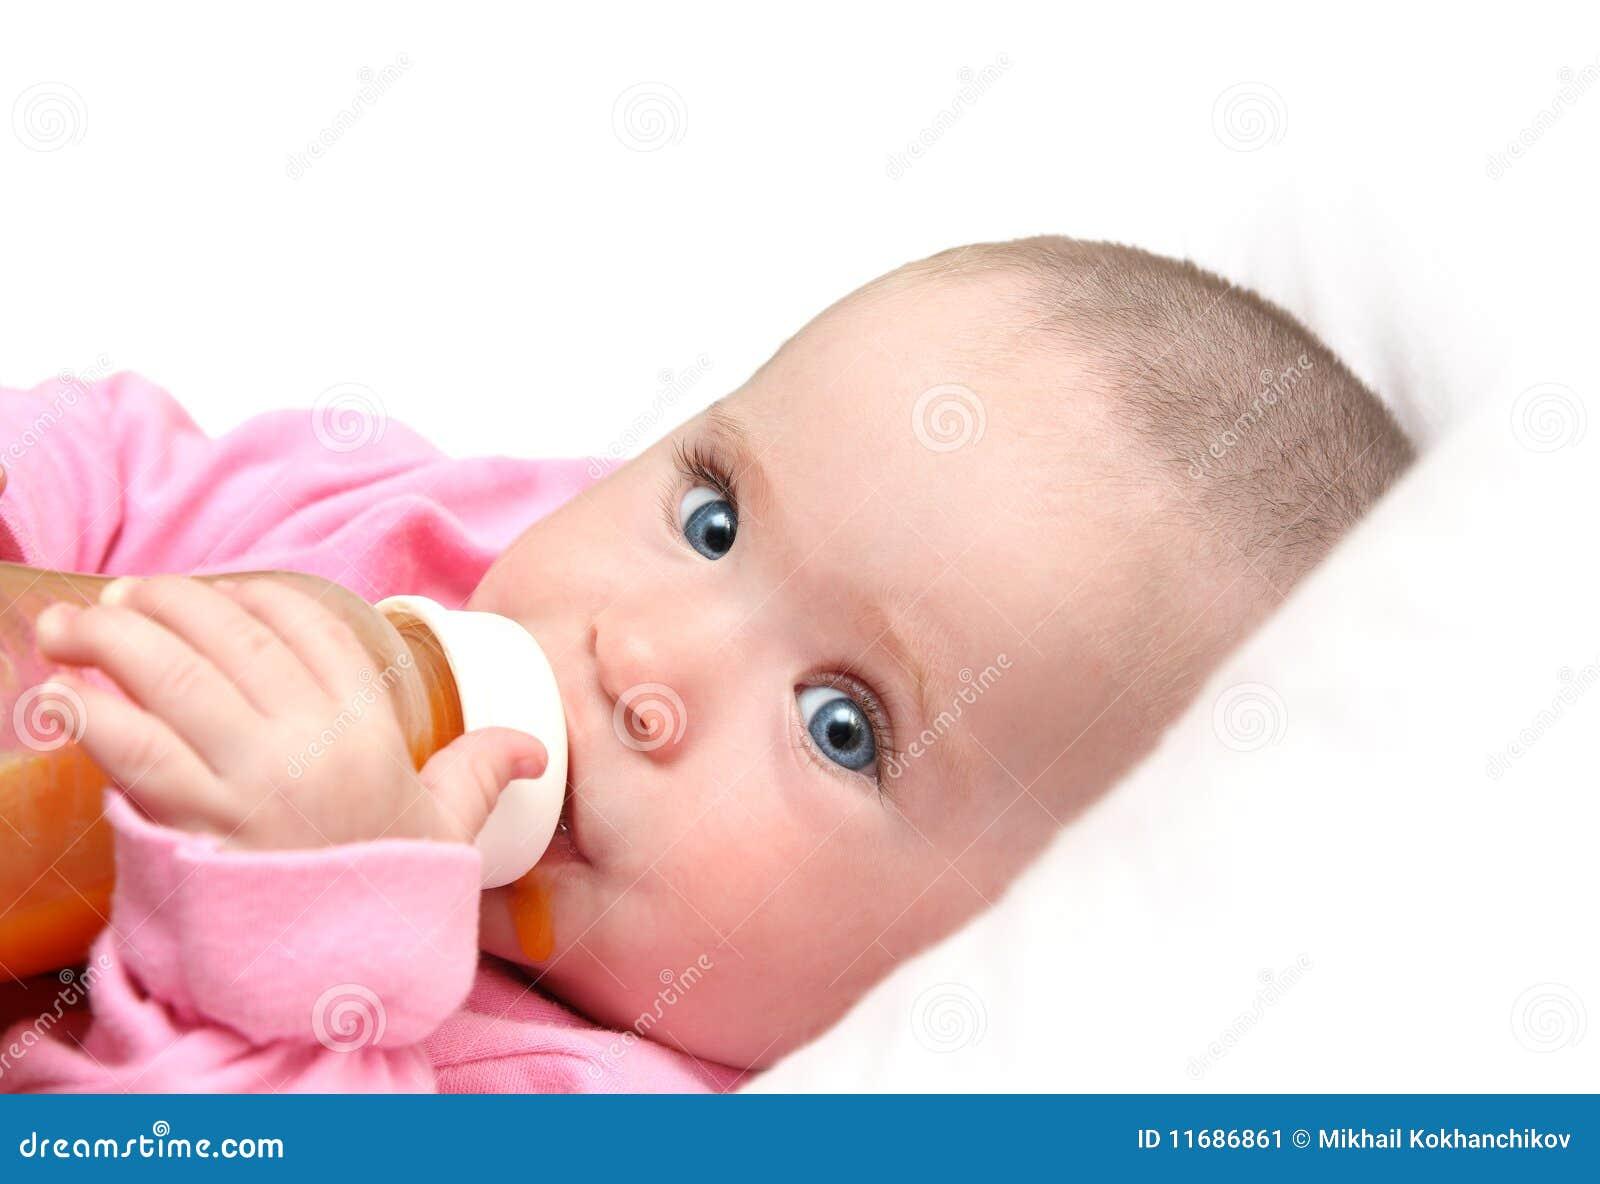 Baby Drinking Juice Form Bottle Stock Image - Image: 11686861